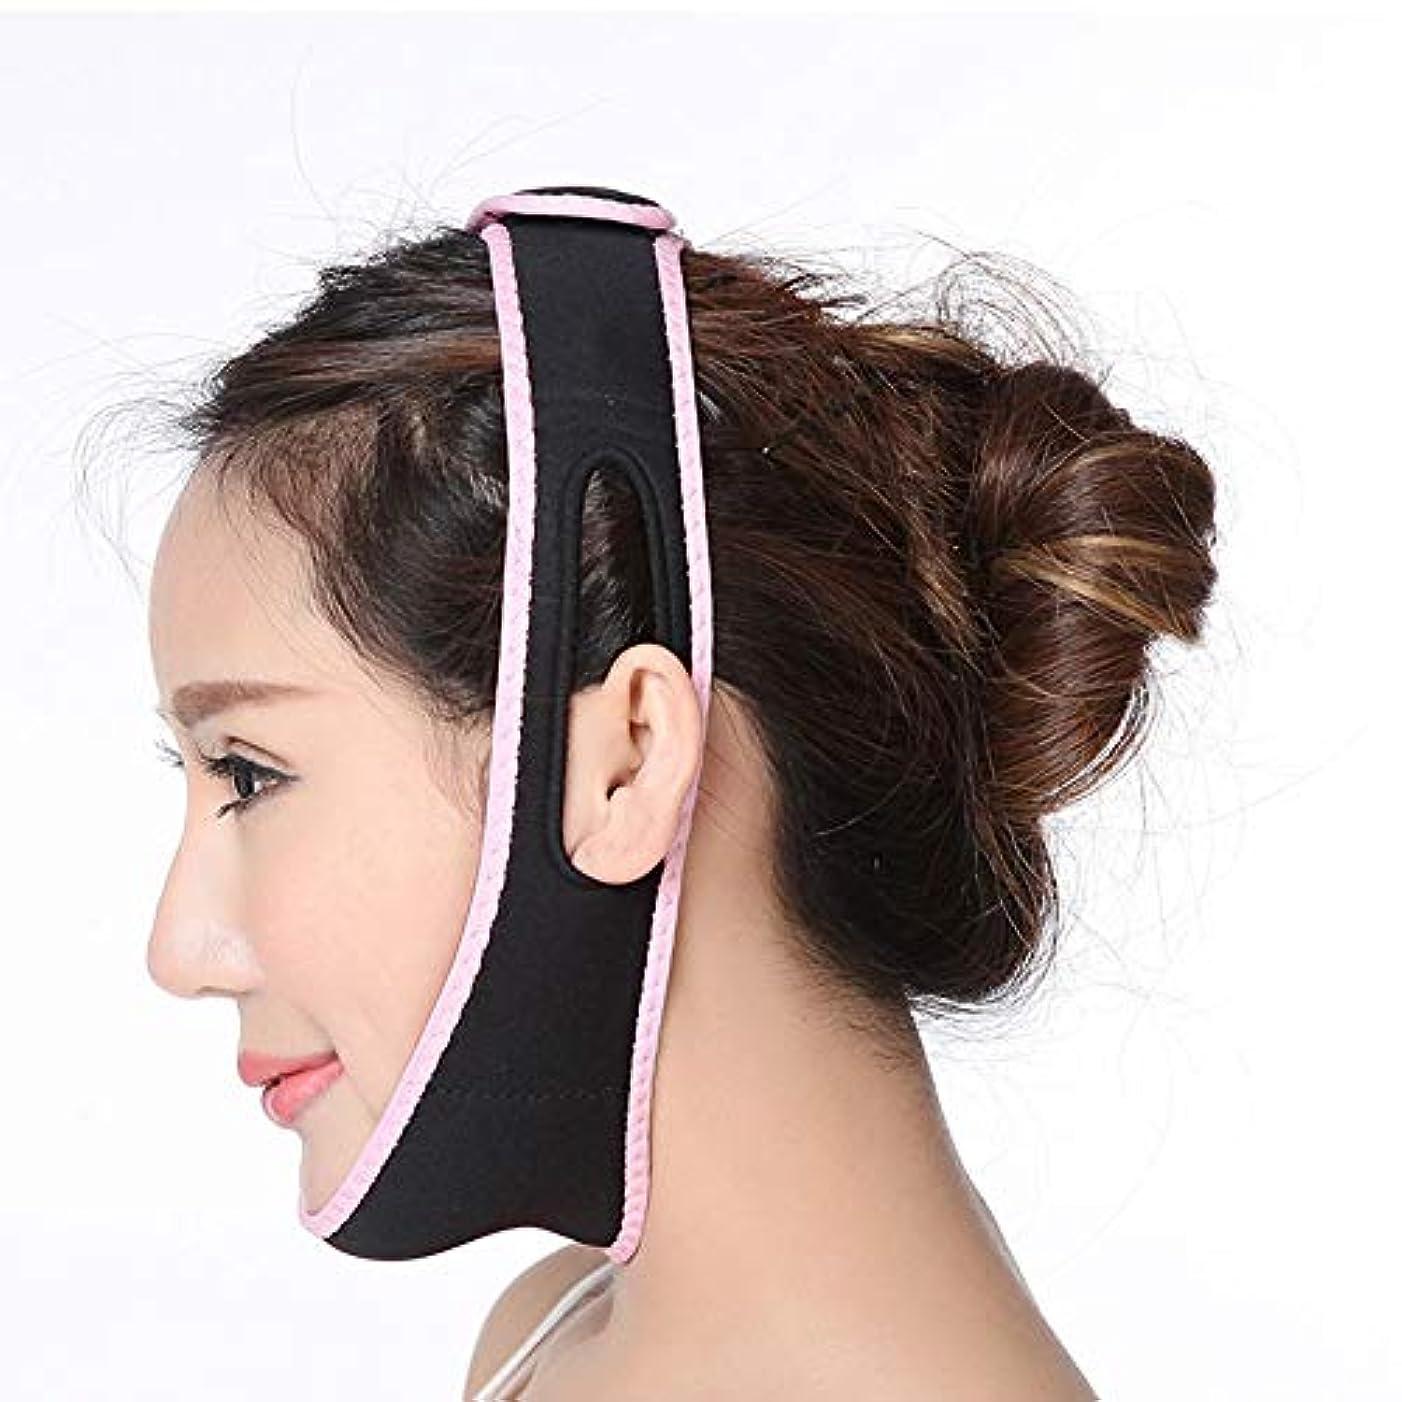 企業薄暗いボーダーGYZ フェイスリフティングアーティファクト3D薄型フェイス付き薄型シンフェイスマスク小型Vフェイス包帯二重あごフェイスリフティングデバイスリフティングファーミング - ブラック Thin Face Belt